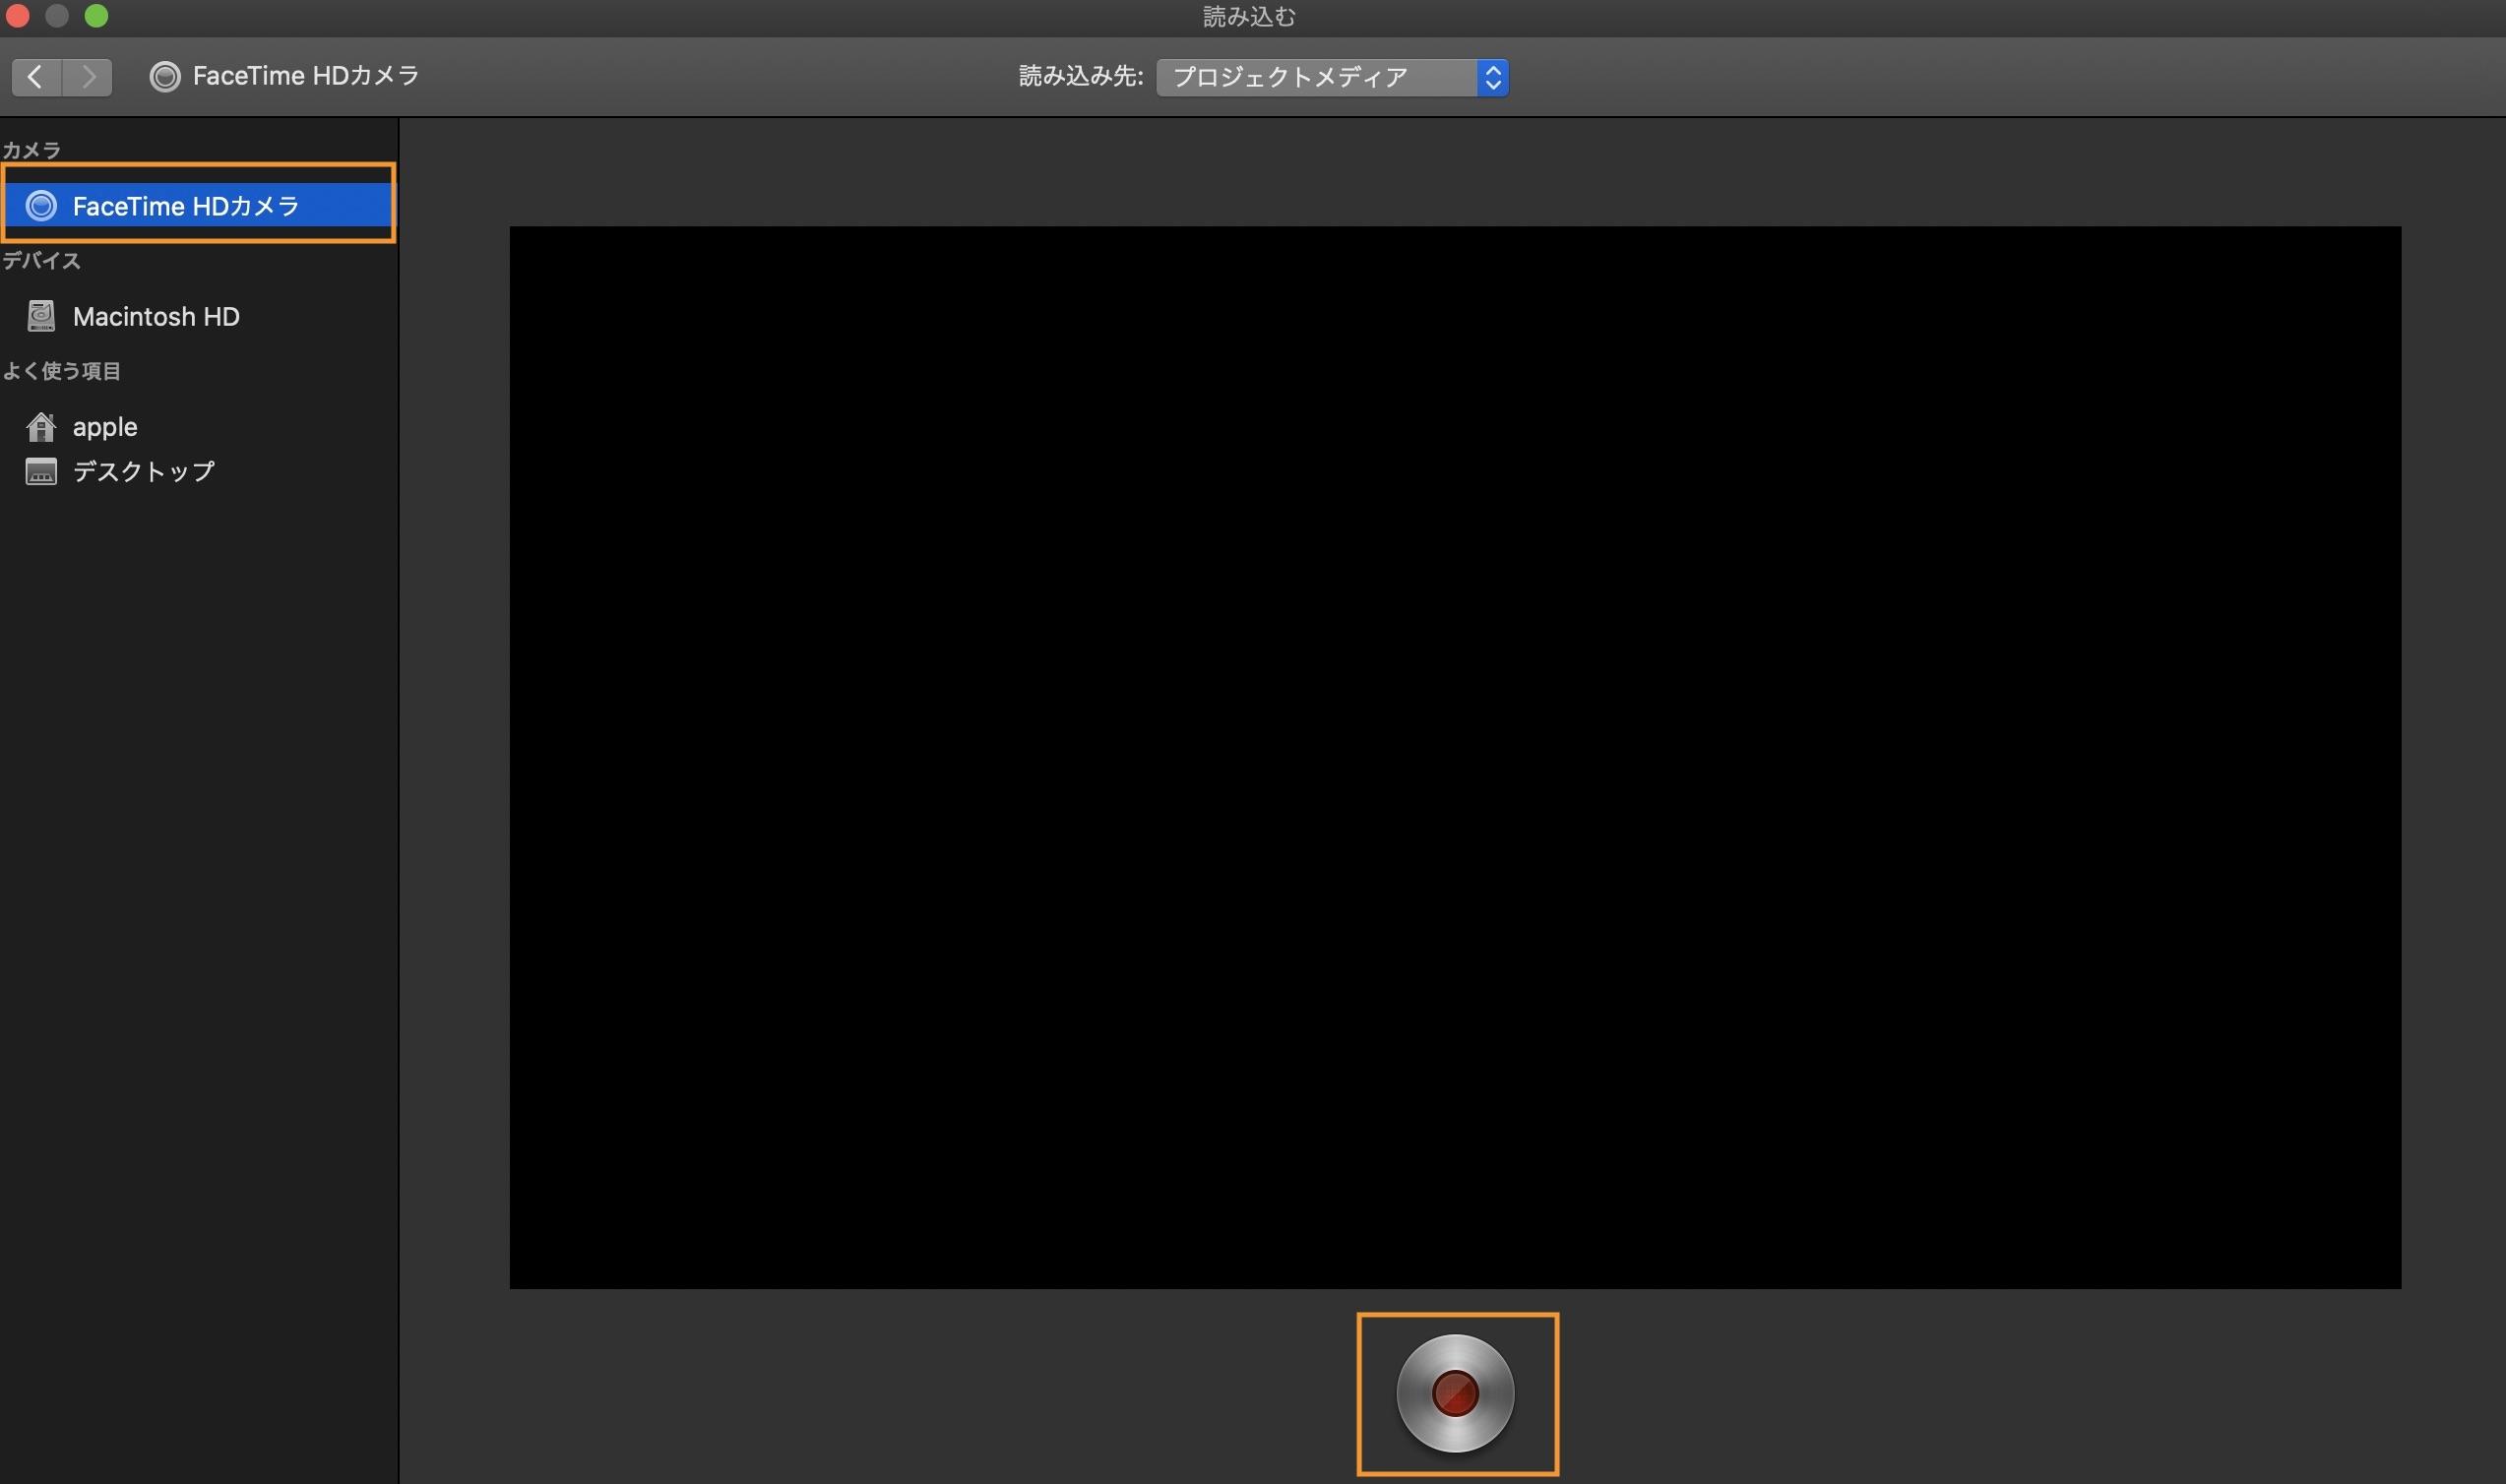 手順2 動画を撮影する